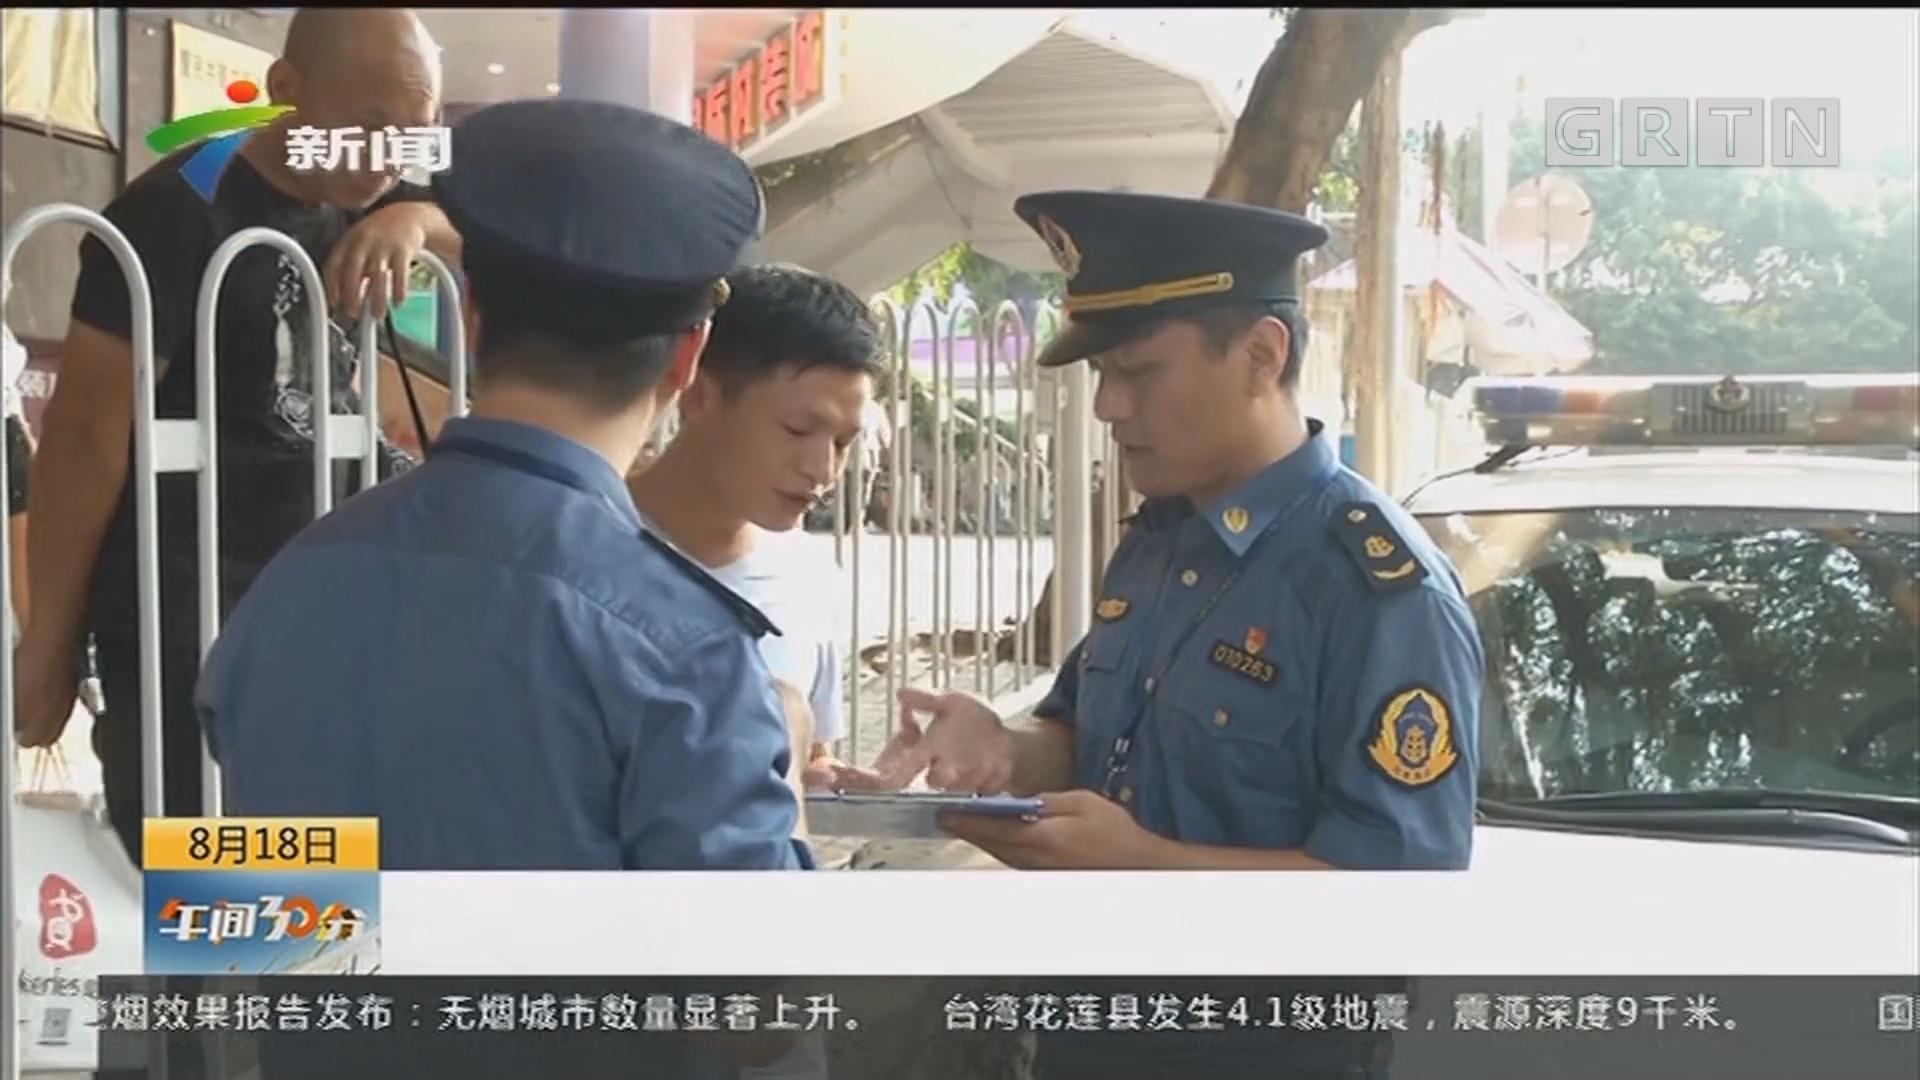 广州整治出租车行业乱象:执法人员现场查处违章出租车司机